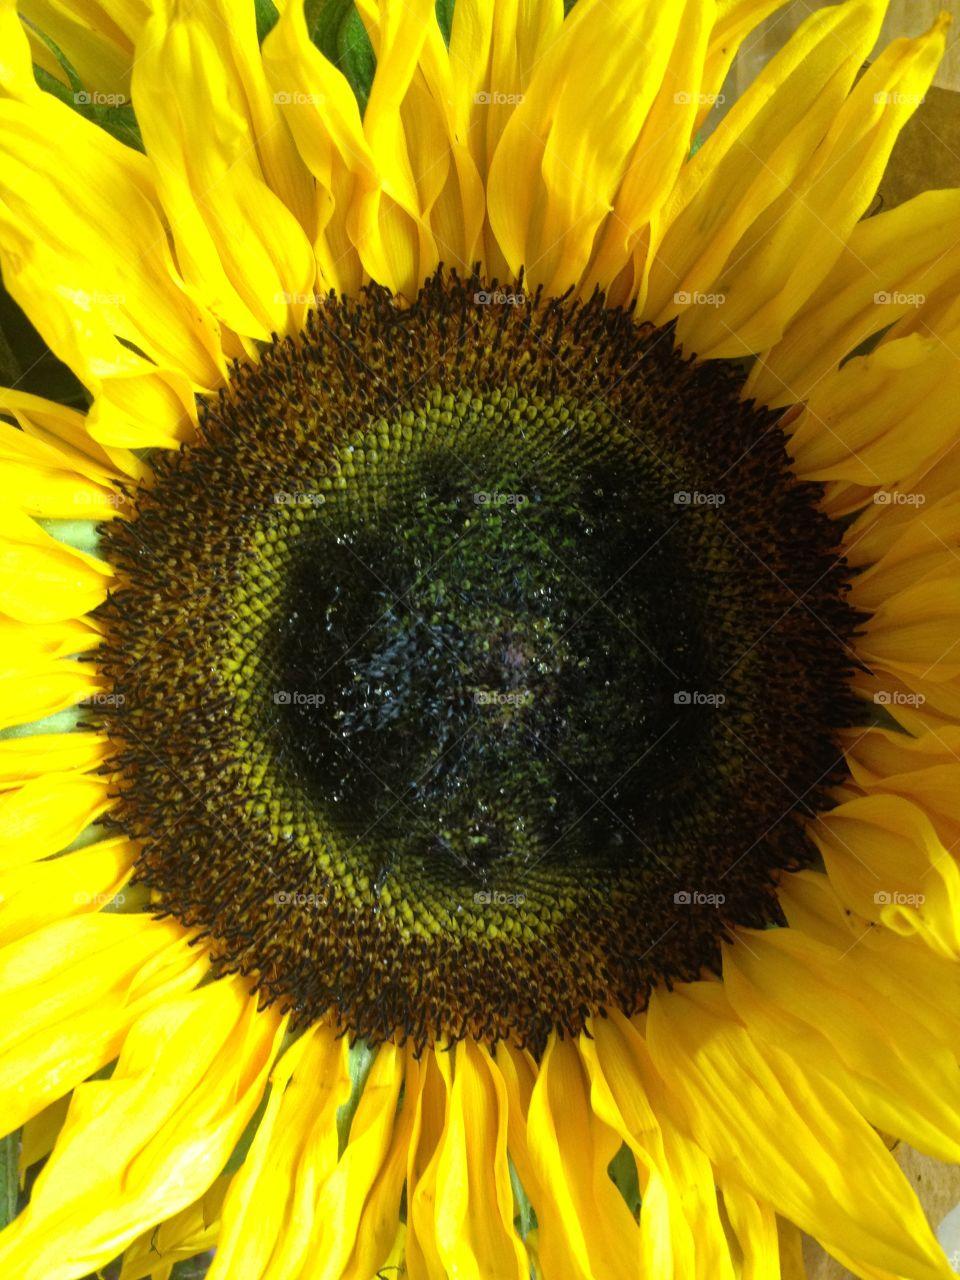 Close-up sunflower flower